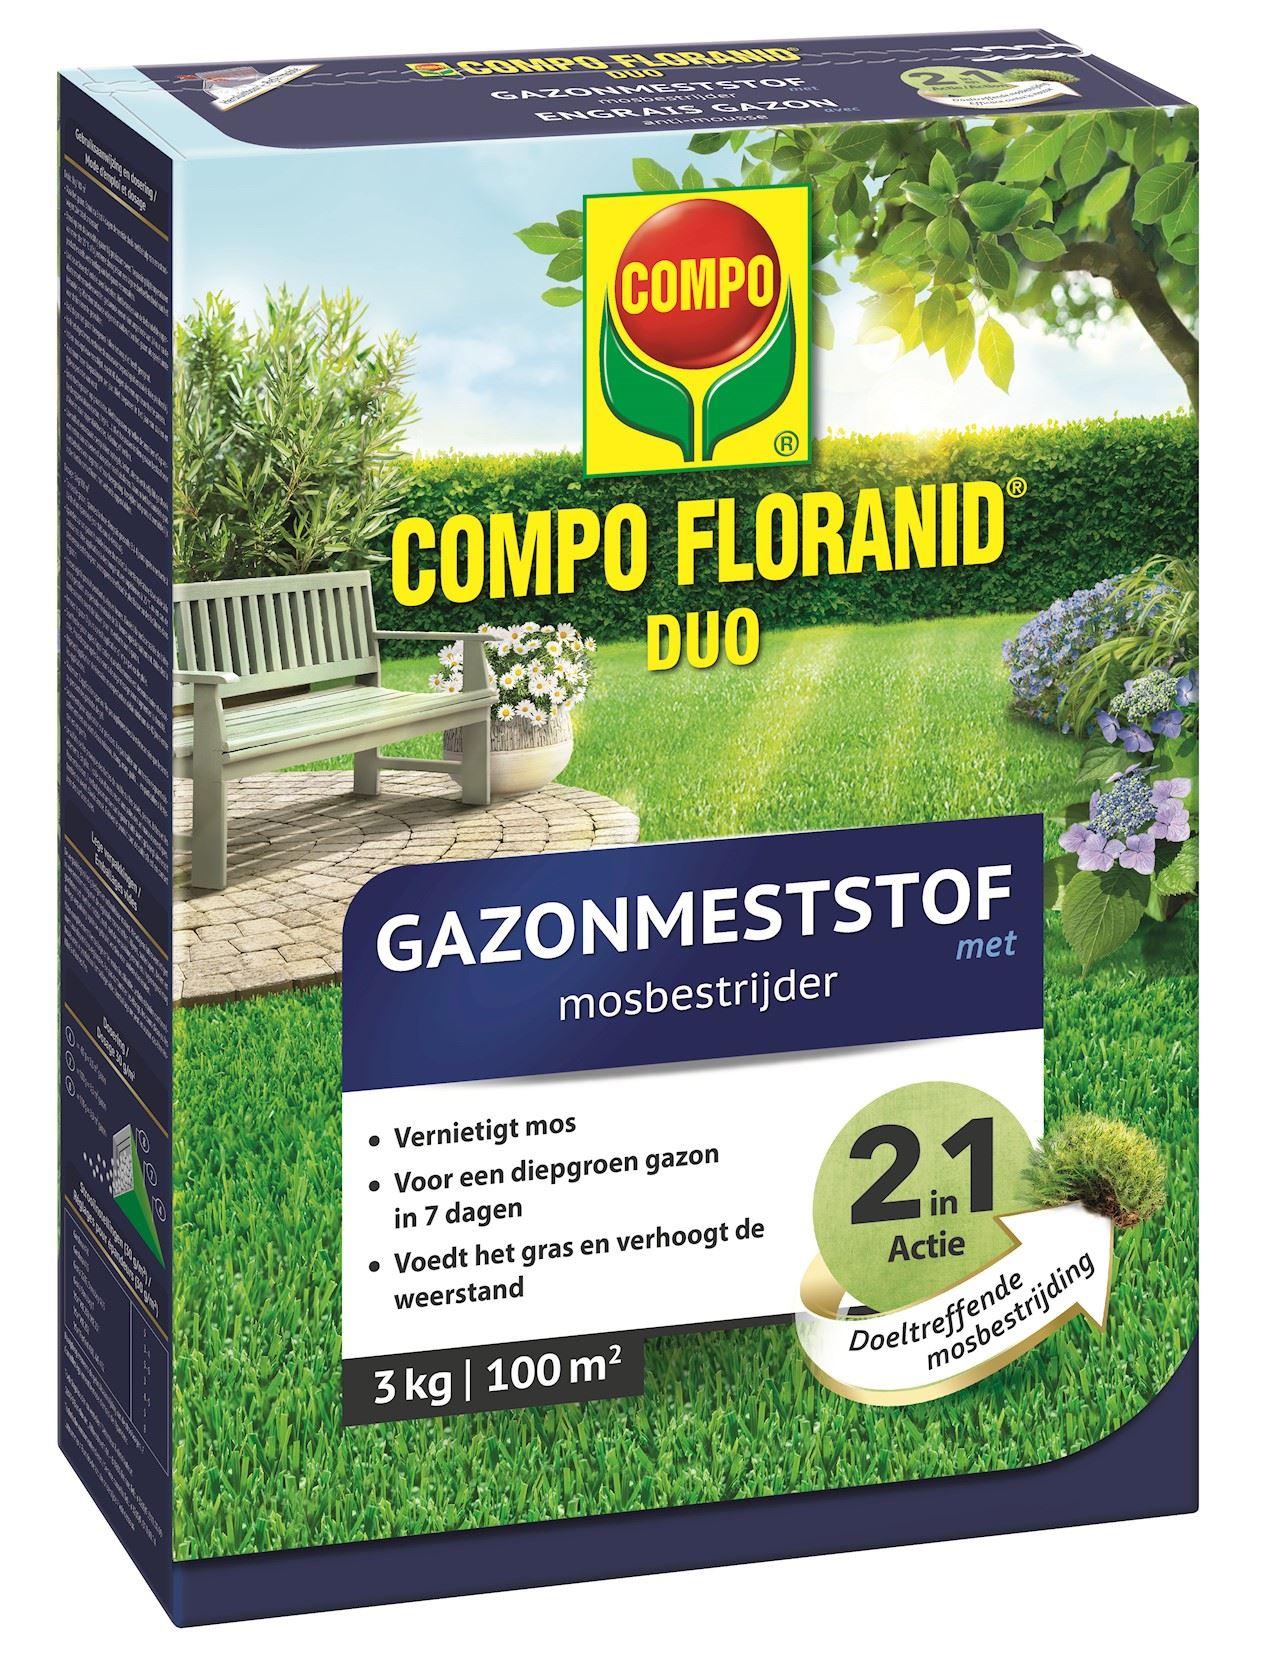 Compo floranid duo gazonmeststof met mosbestrijder  - 3kg